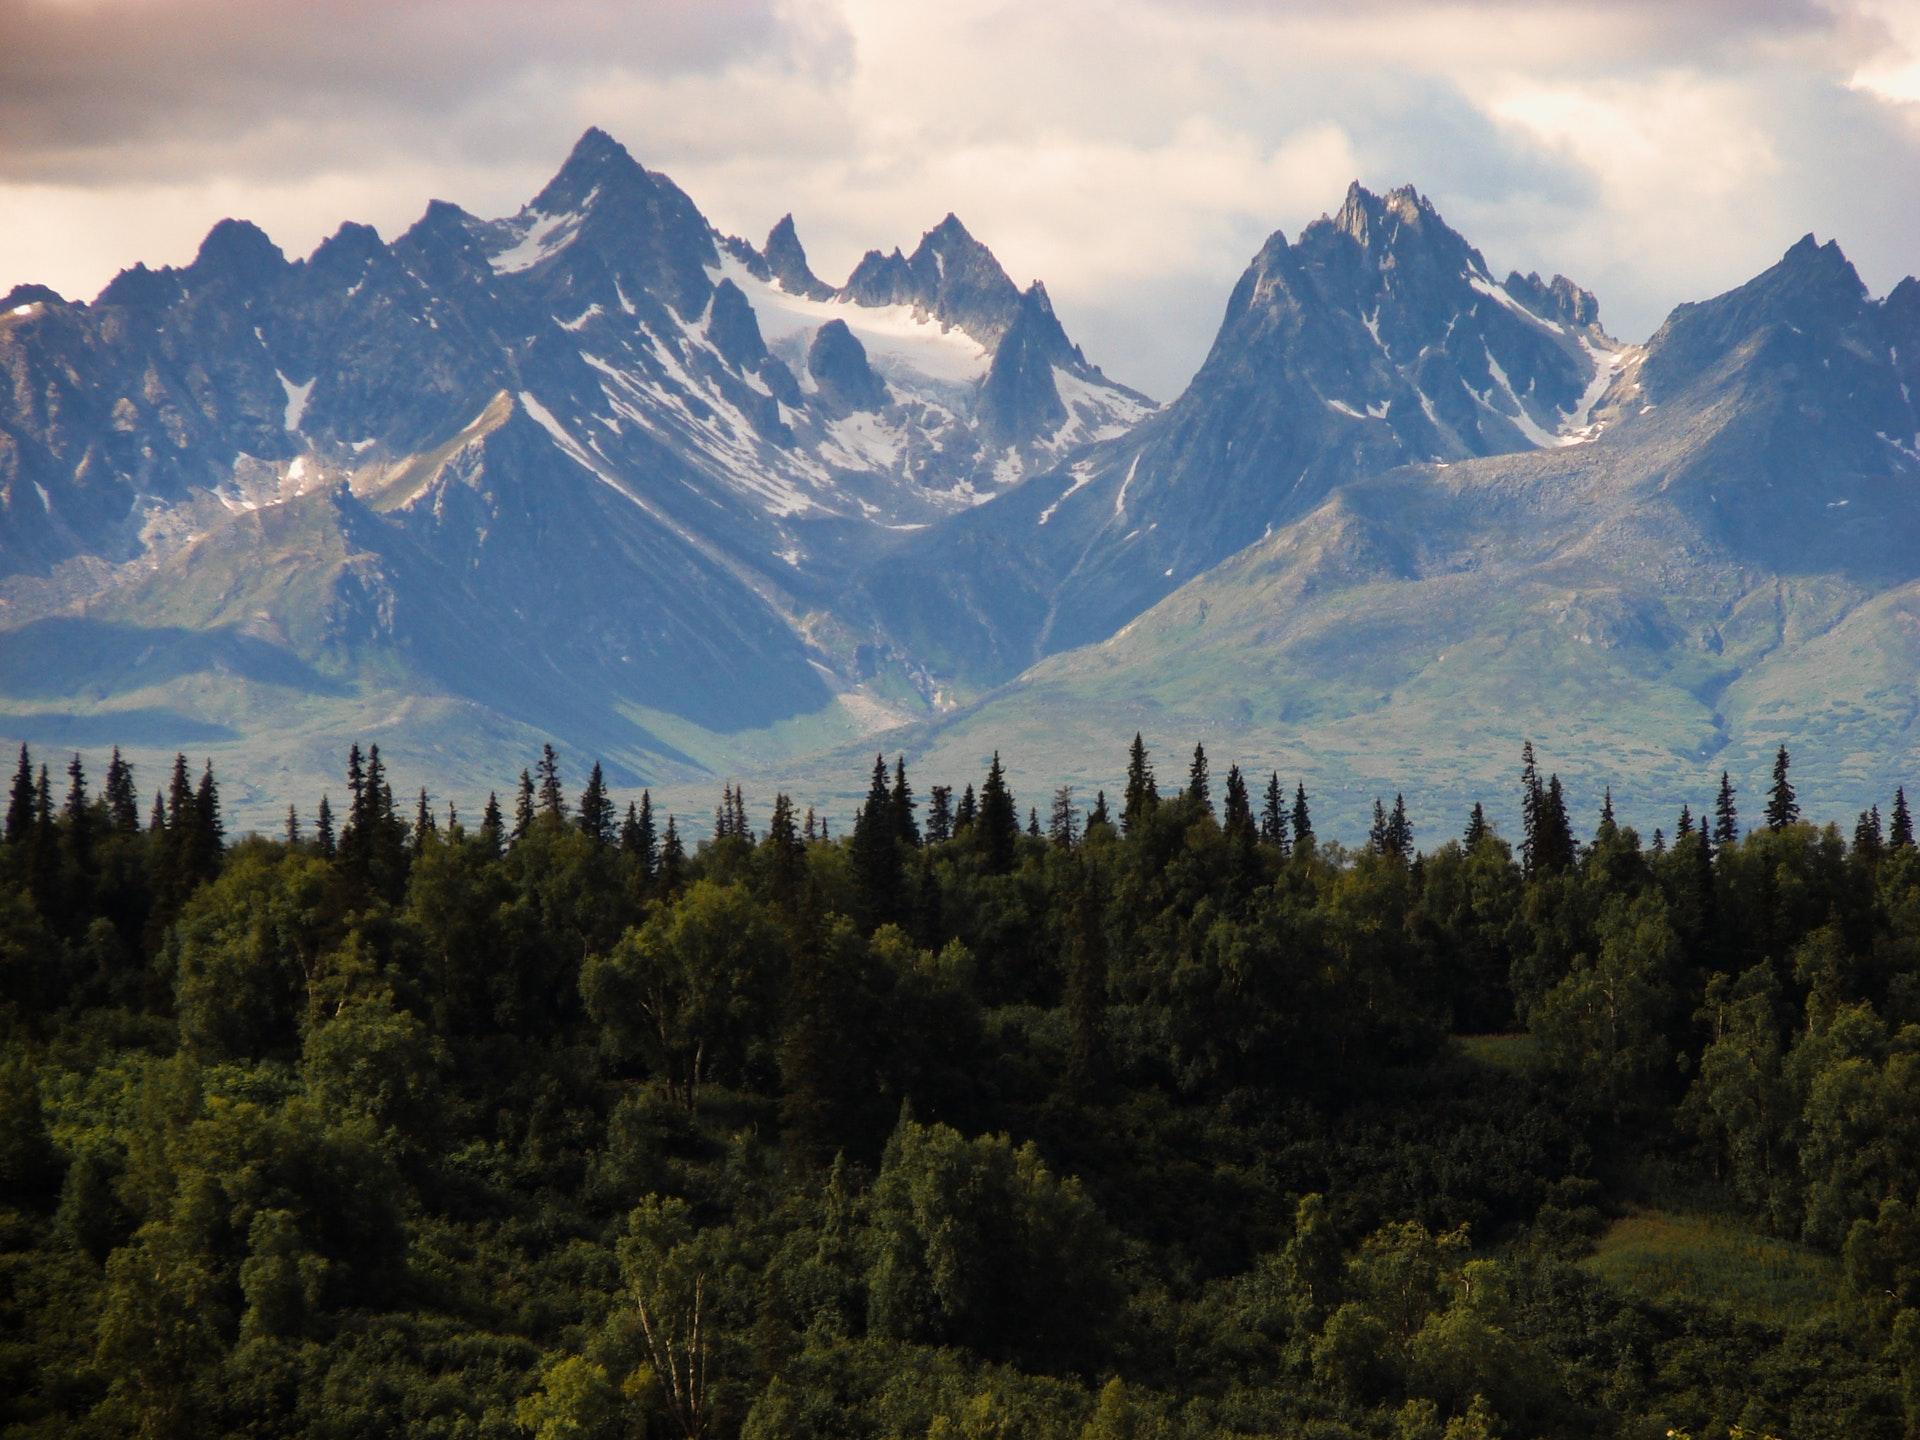 Alaskan Mission